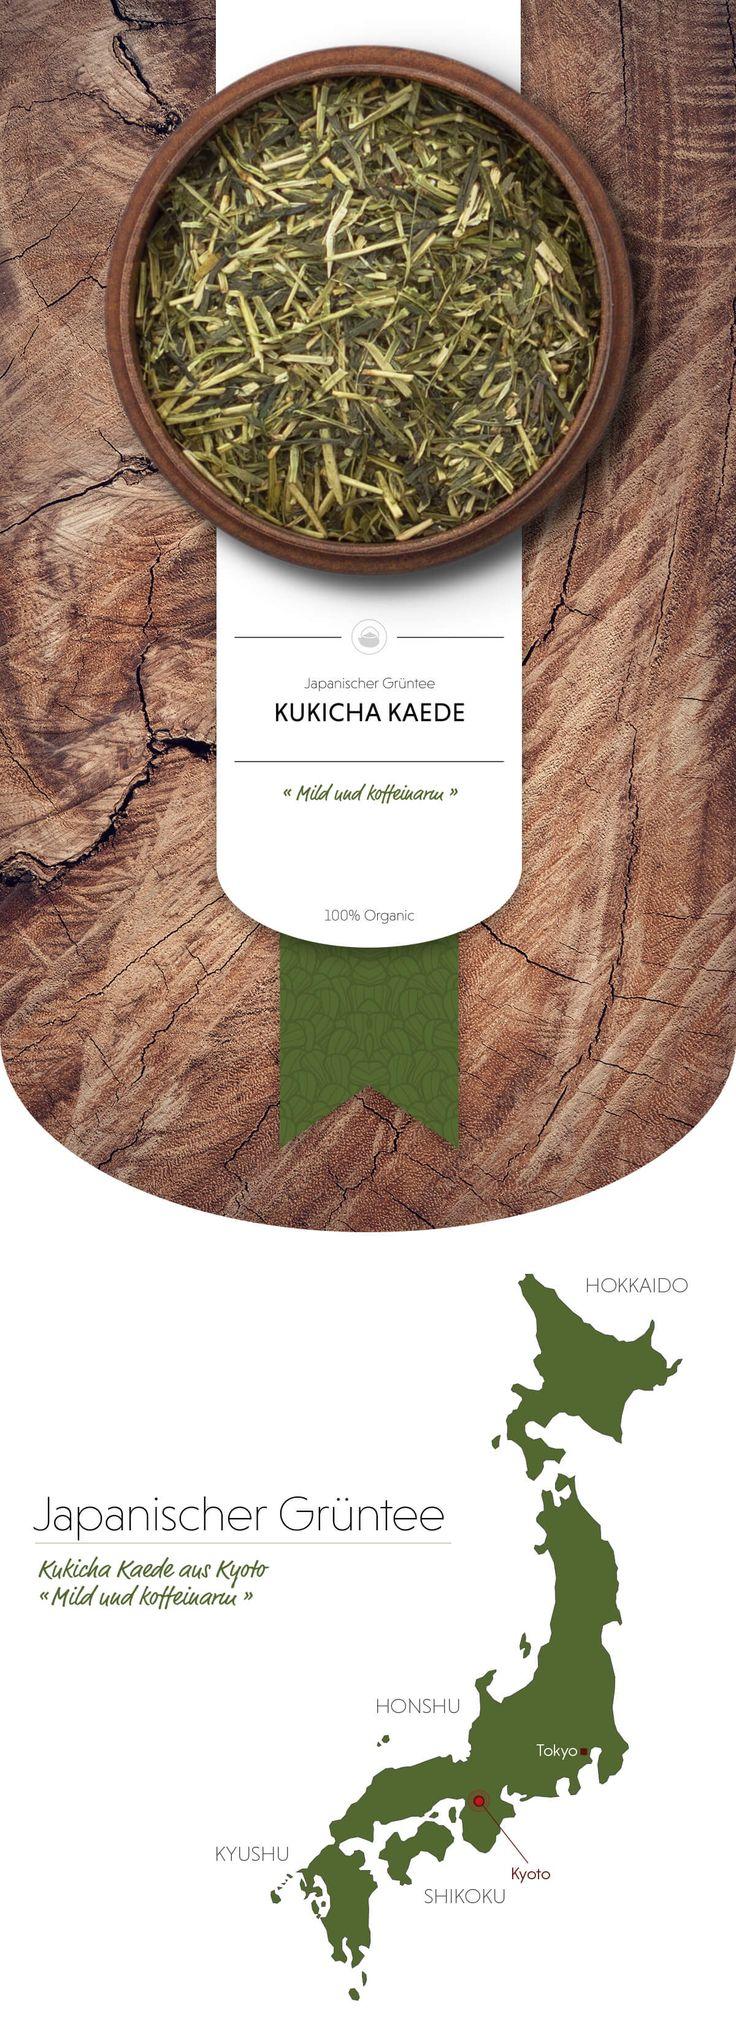 Kukicha Kaede Bio Grüntee | Kukicha wird nicht nur aus Blättern, sondern auch aus Stängeln hergestellt. Deswegen hat er einen relativ geringen Koffeingehalt und bietet sich auch für den Genuss am Abend an. Bei unserem Kukicha Kaede kommen ausschließlich Pflanzenteile des edlen Gyokuro zum Einsatz. Seine typischen Merkmale sind die helle, gold-grüne Tasse und das milde Aroma ganz ohne Bitterkeit. #grünerTee #Grüntee #japanischerGrüntee #Japan #japanischerGrünerTee #Matcha #MatchaTee…